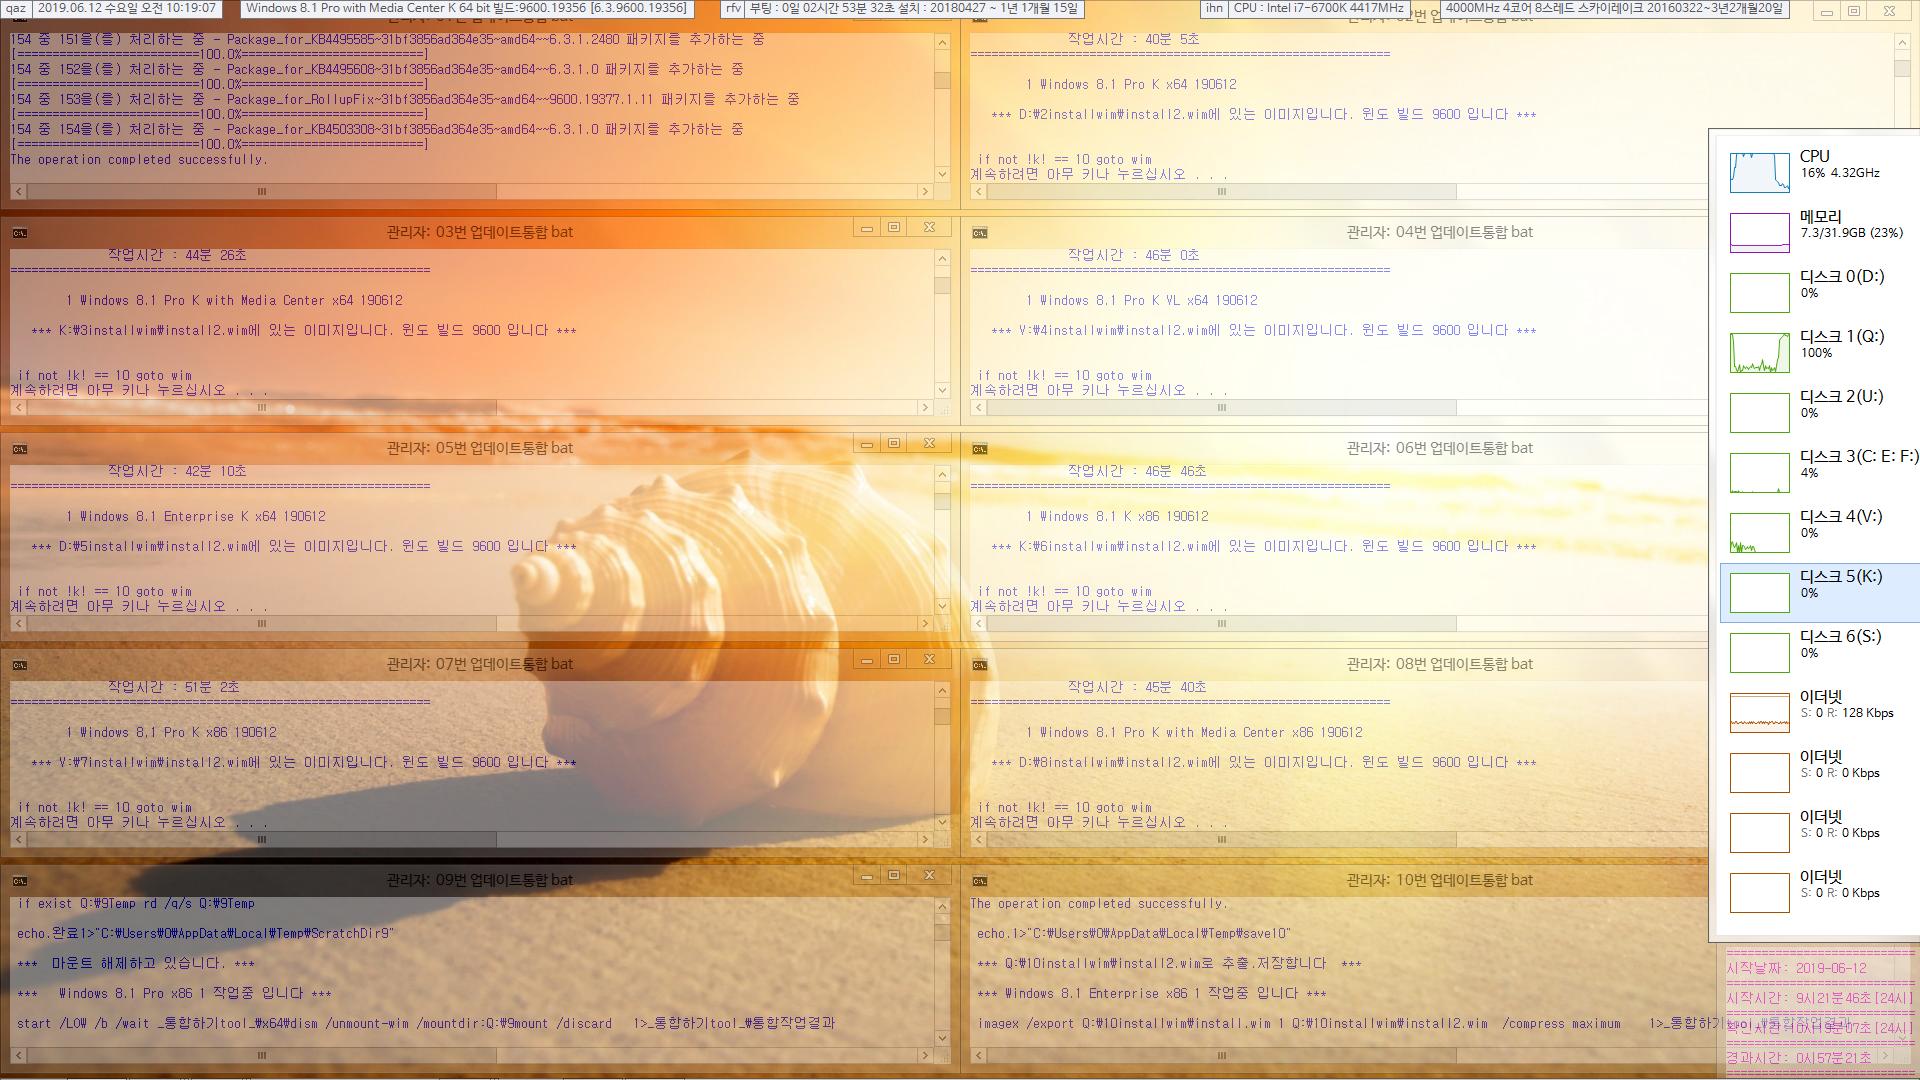 2019년 6월 12일 정기 업데이트 나왔네요 - Windows 8.1 롤업 업데이트 KB4503276 (OS 빌드 9600.19377) [2019-06-11 일자] 통합중 입니다 2019-06-12_101907.png